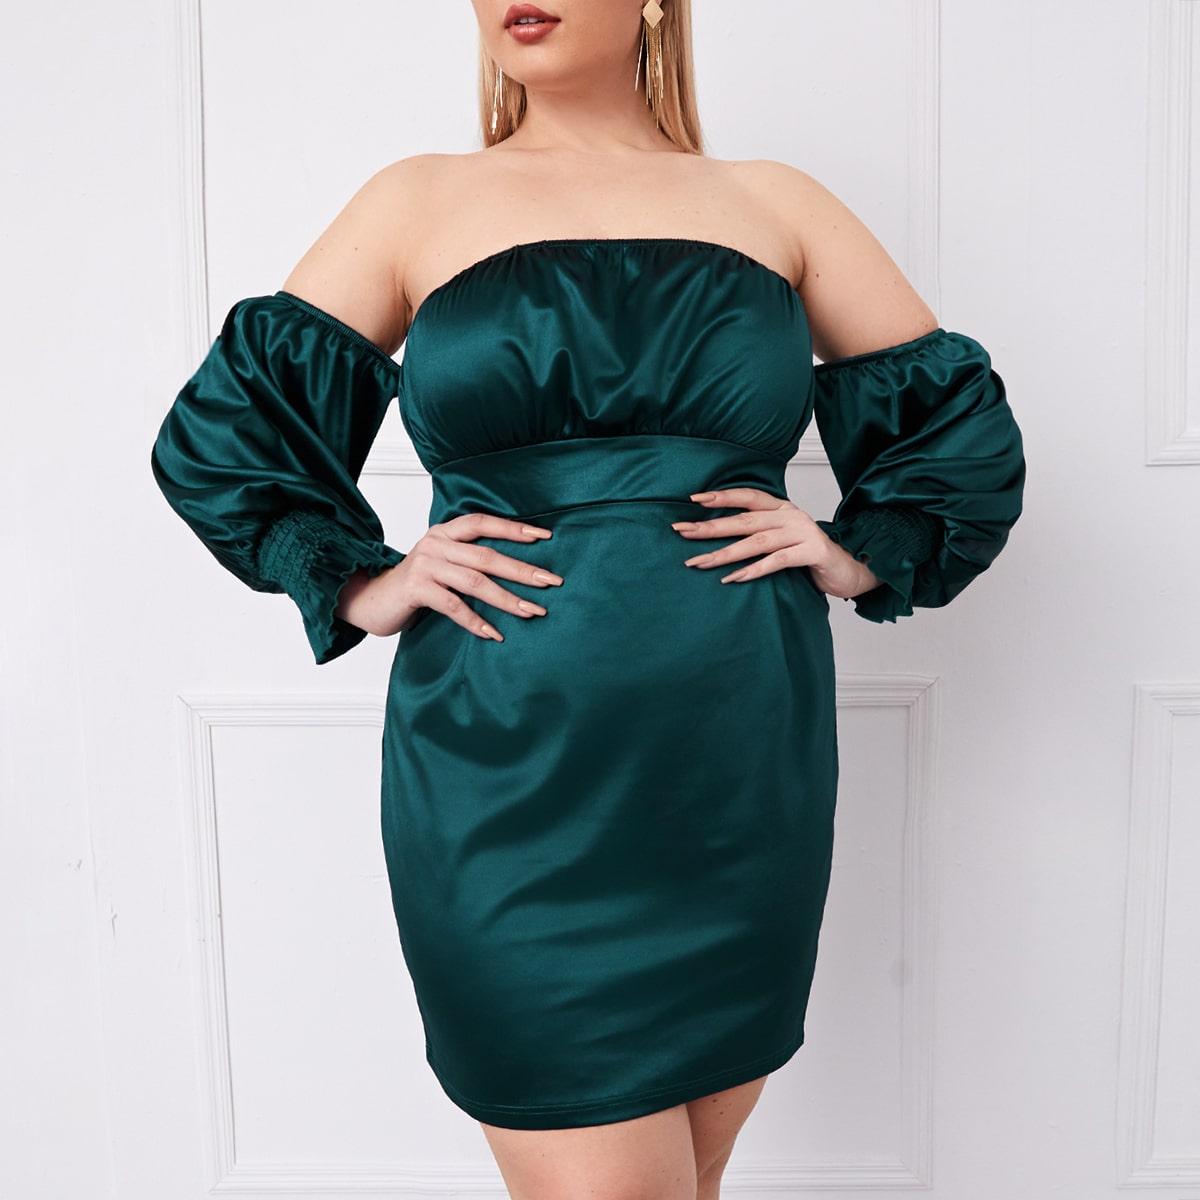 Атласное платье размера плюс с открытыми плечами и пышными рукавами